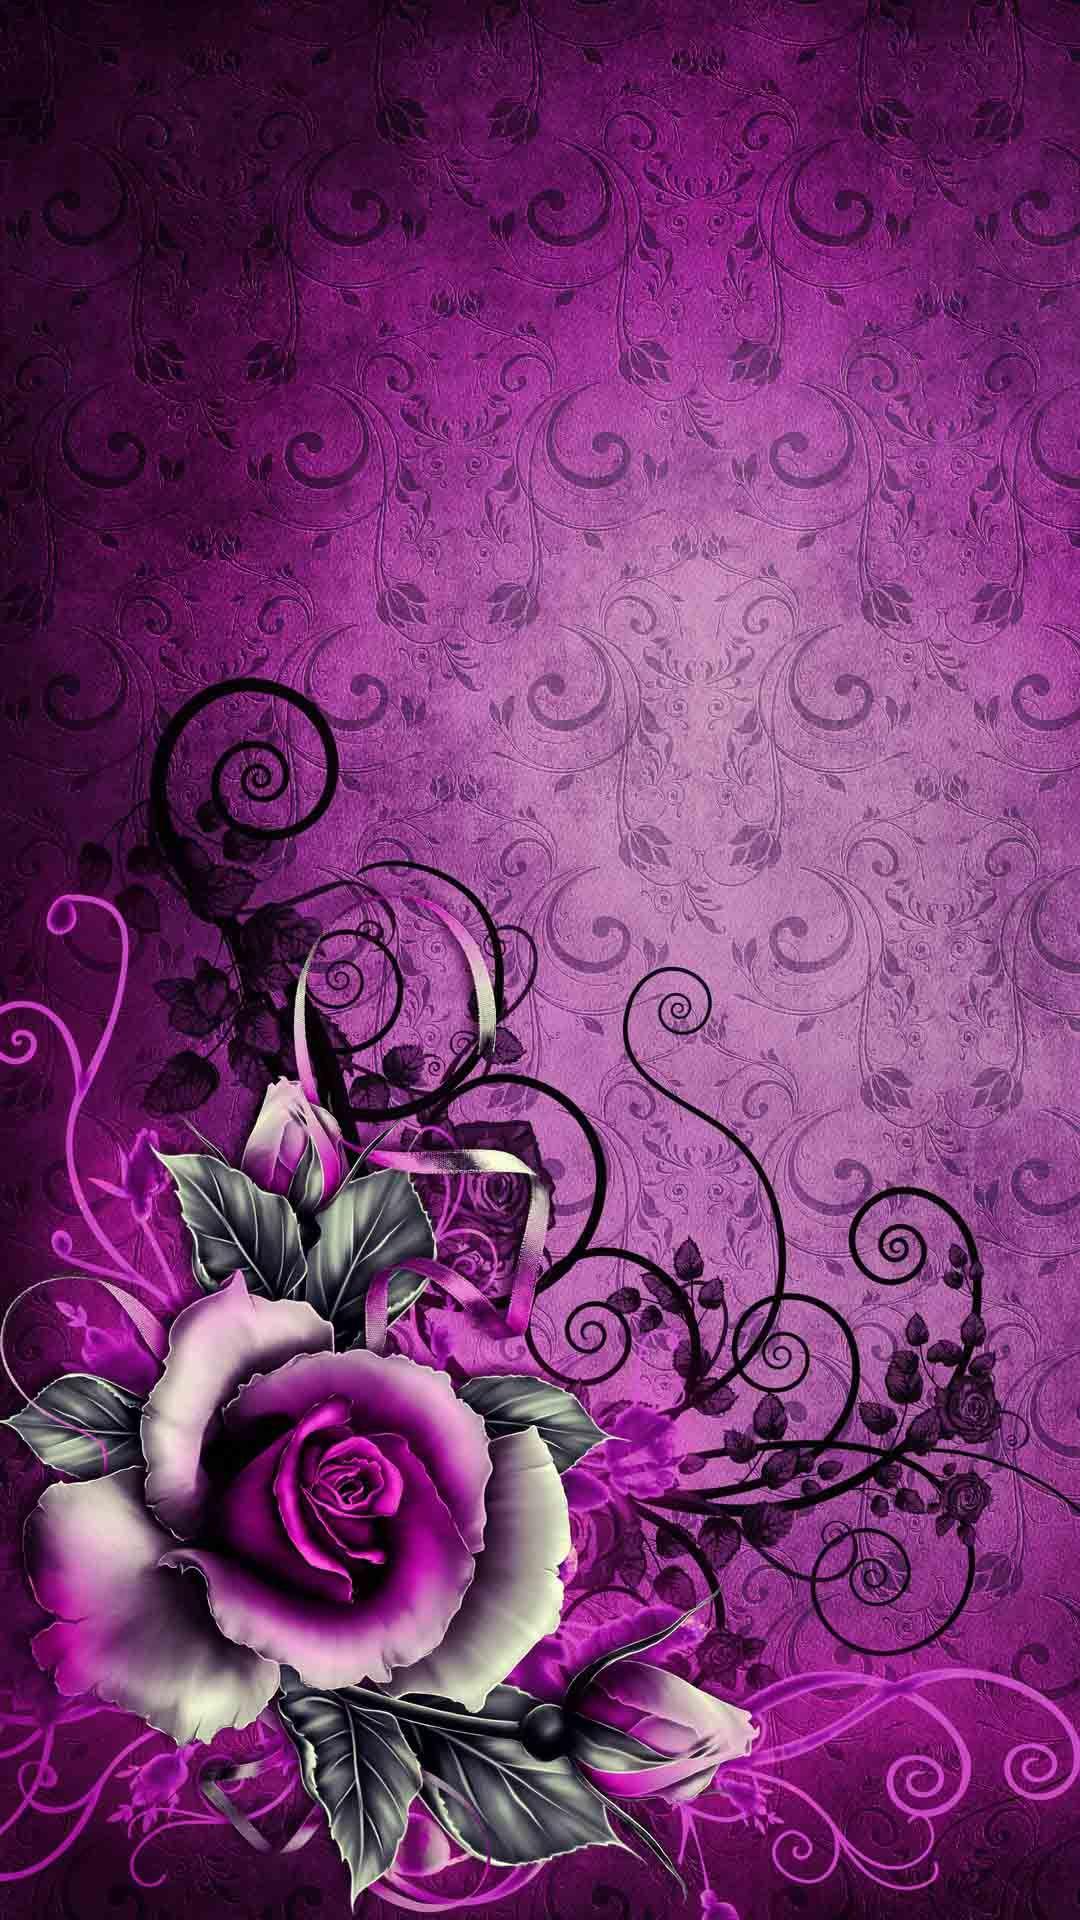 En Güzel IPhone Duvar Kağıtları | Teknocard | Flower phone wallpaper,  Flower art, Flower wallpaper